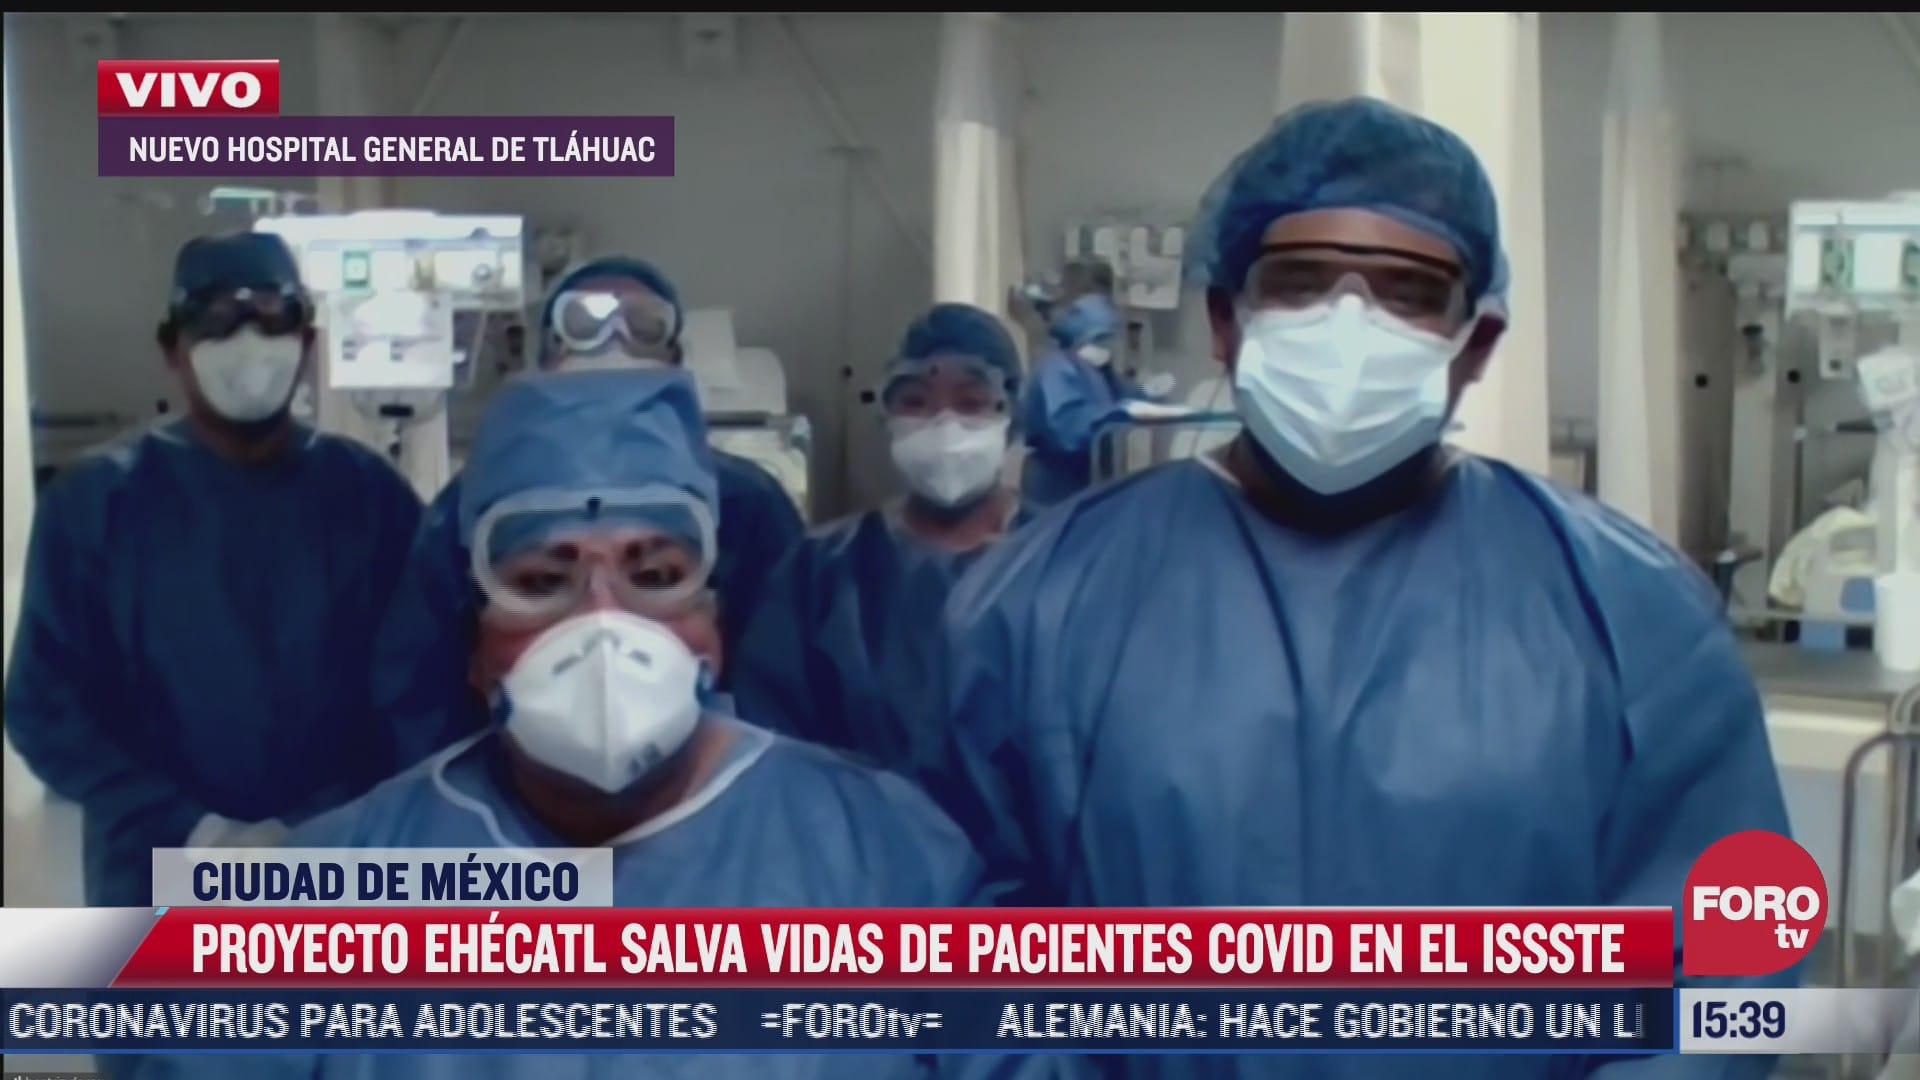 issste lanza proyecto ehecatl para atencion a pacientes covid